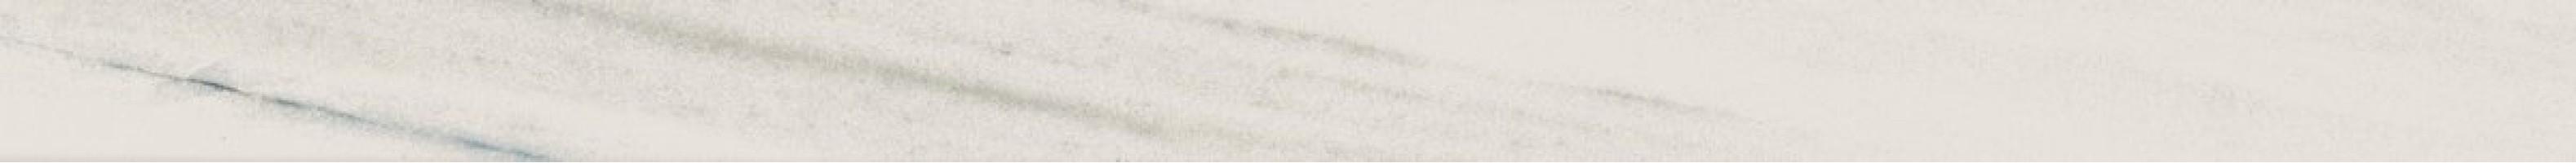 Бордюр Italon Charme Extra Lasa Spigolo 1x25 600090000455